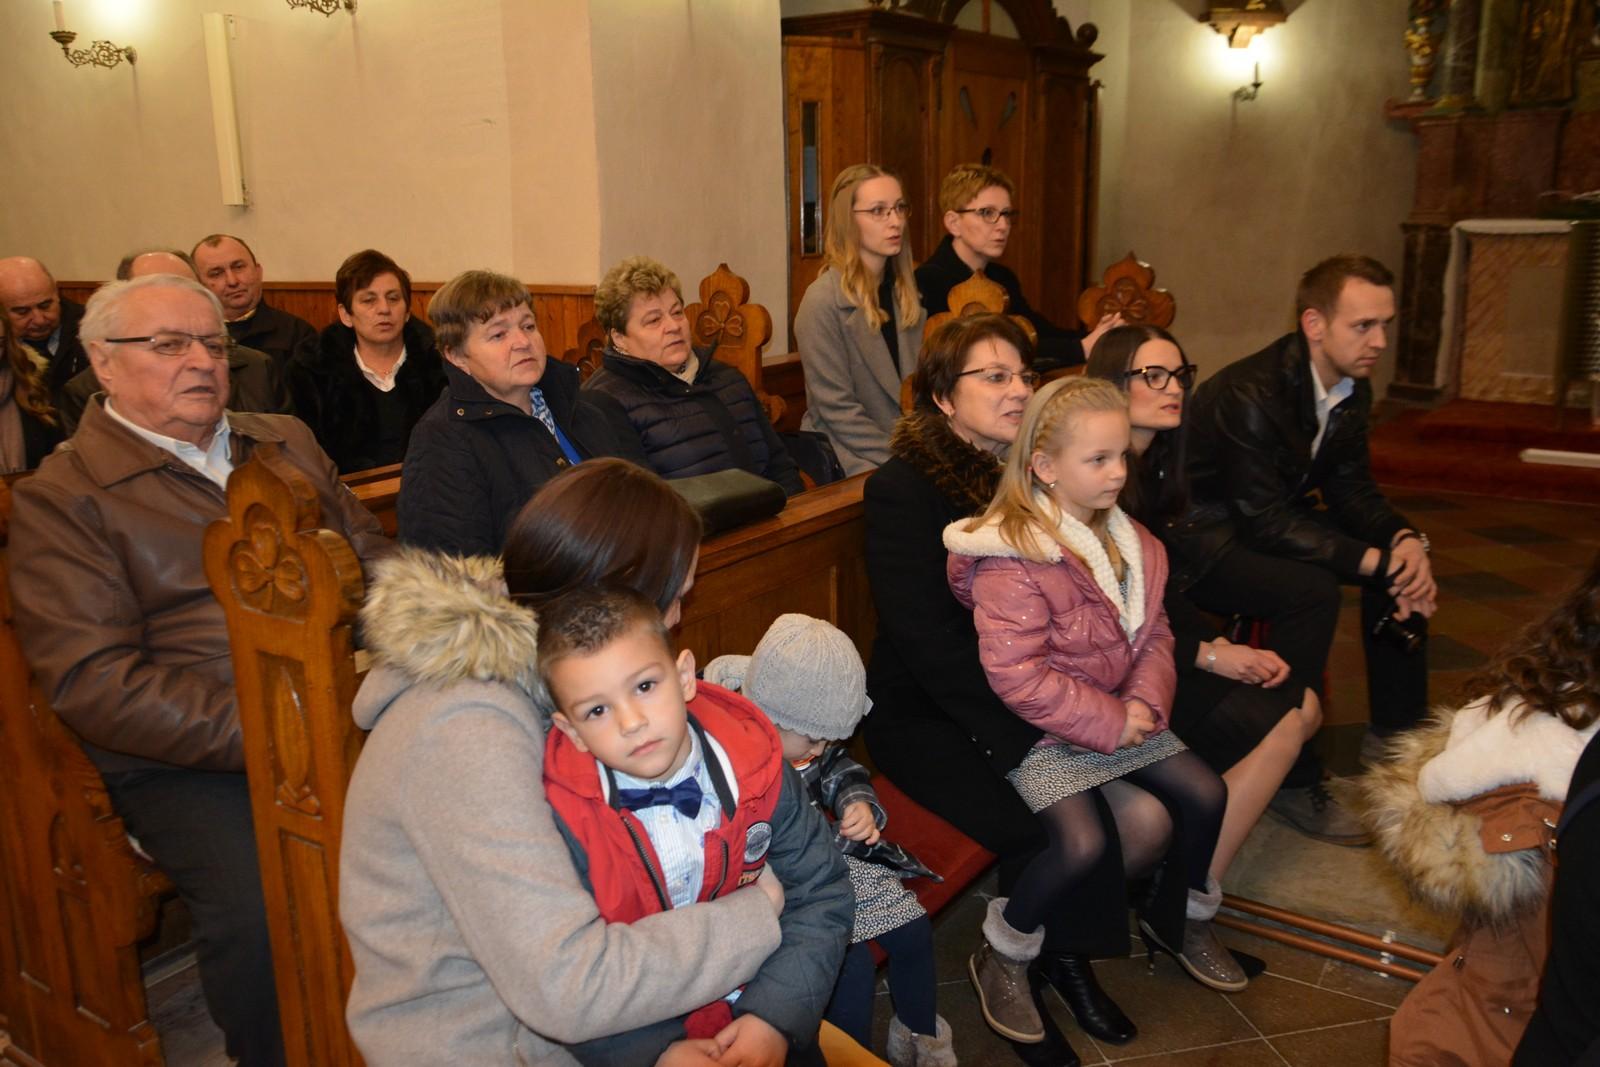 druženje i bračni običaji u Njemačkoj